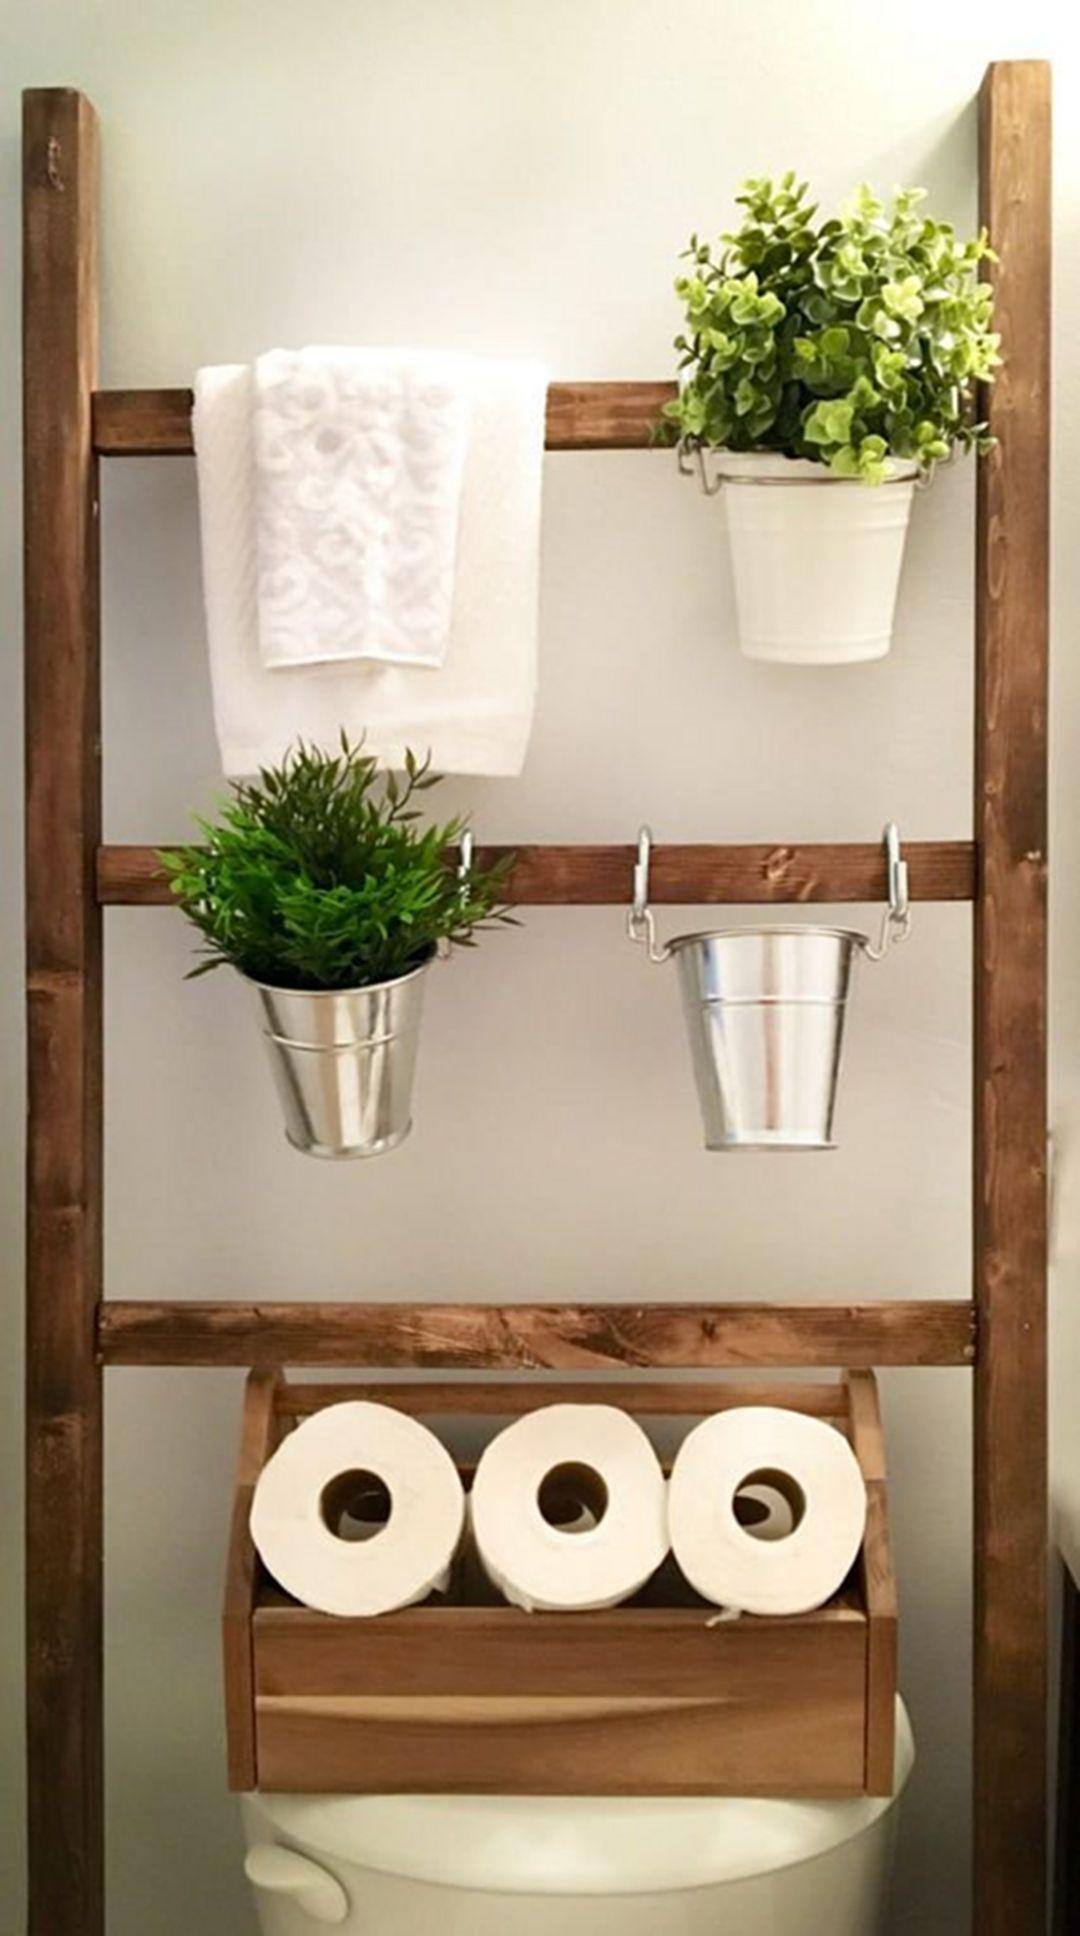 farmhouse ladder shelf over toilet